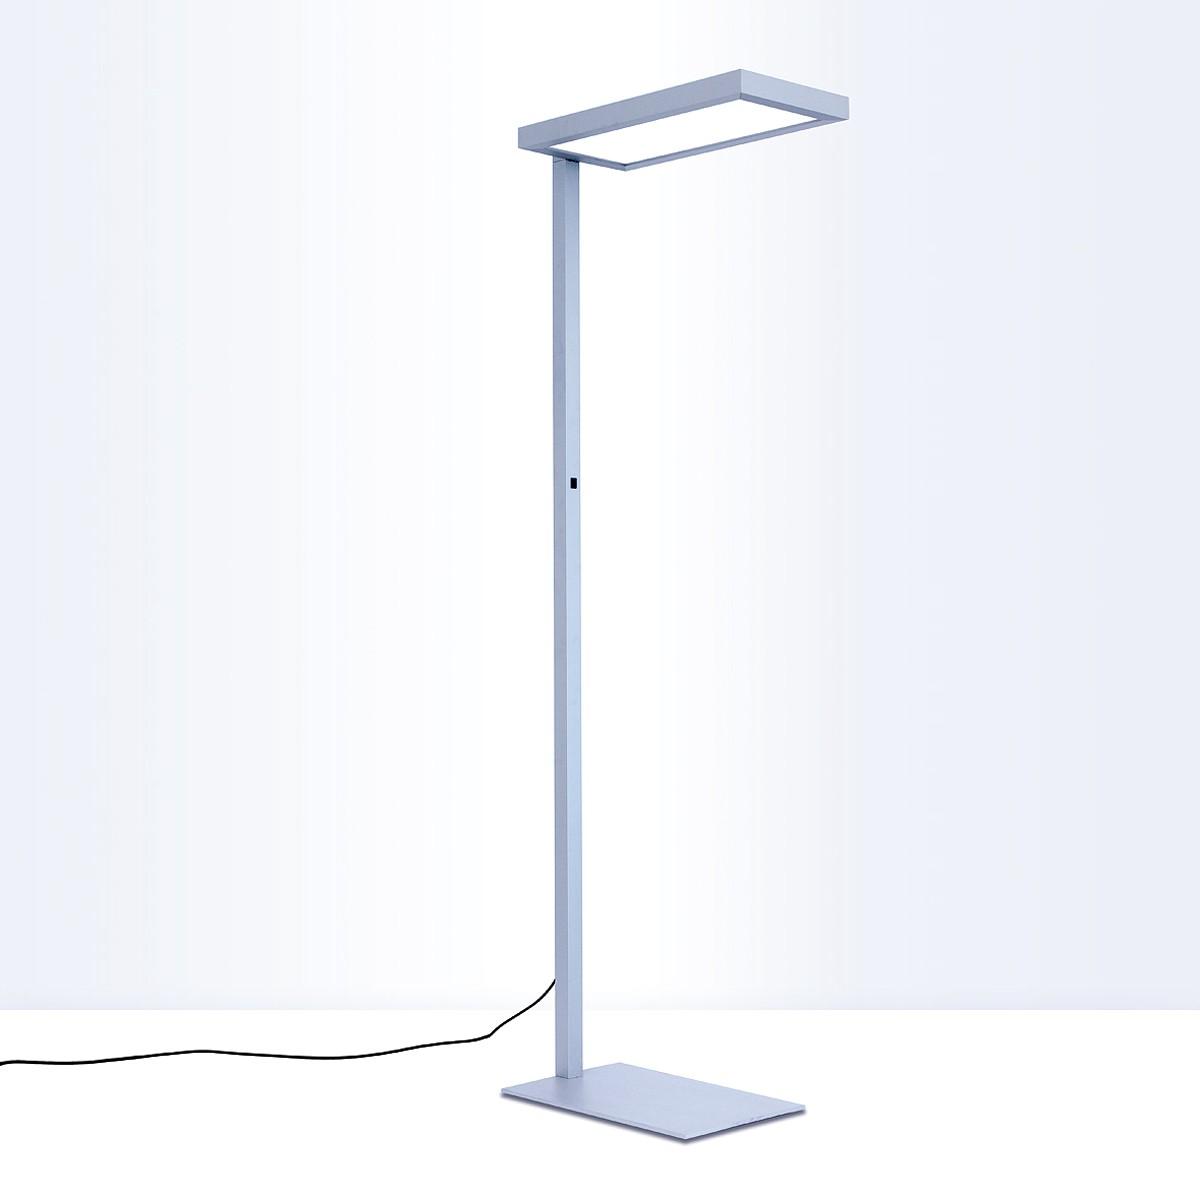 Lightnet Nomic-S Stehleuchte, Multisensor, 3000K, Aluminium natureloxiert